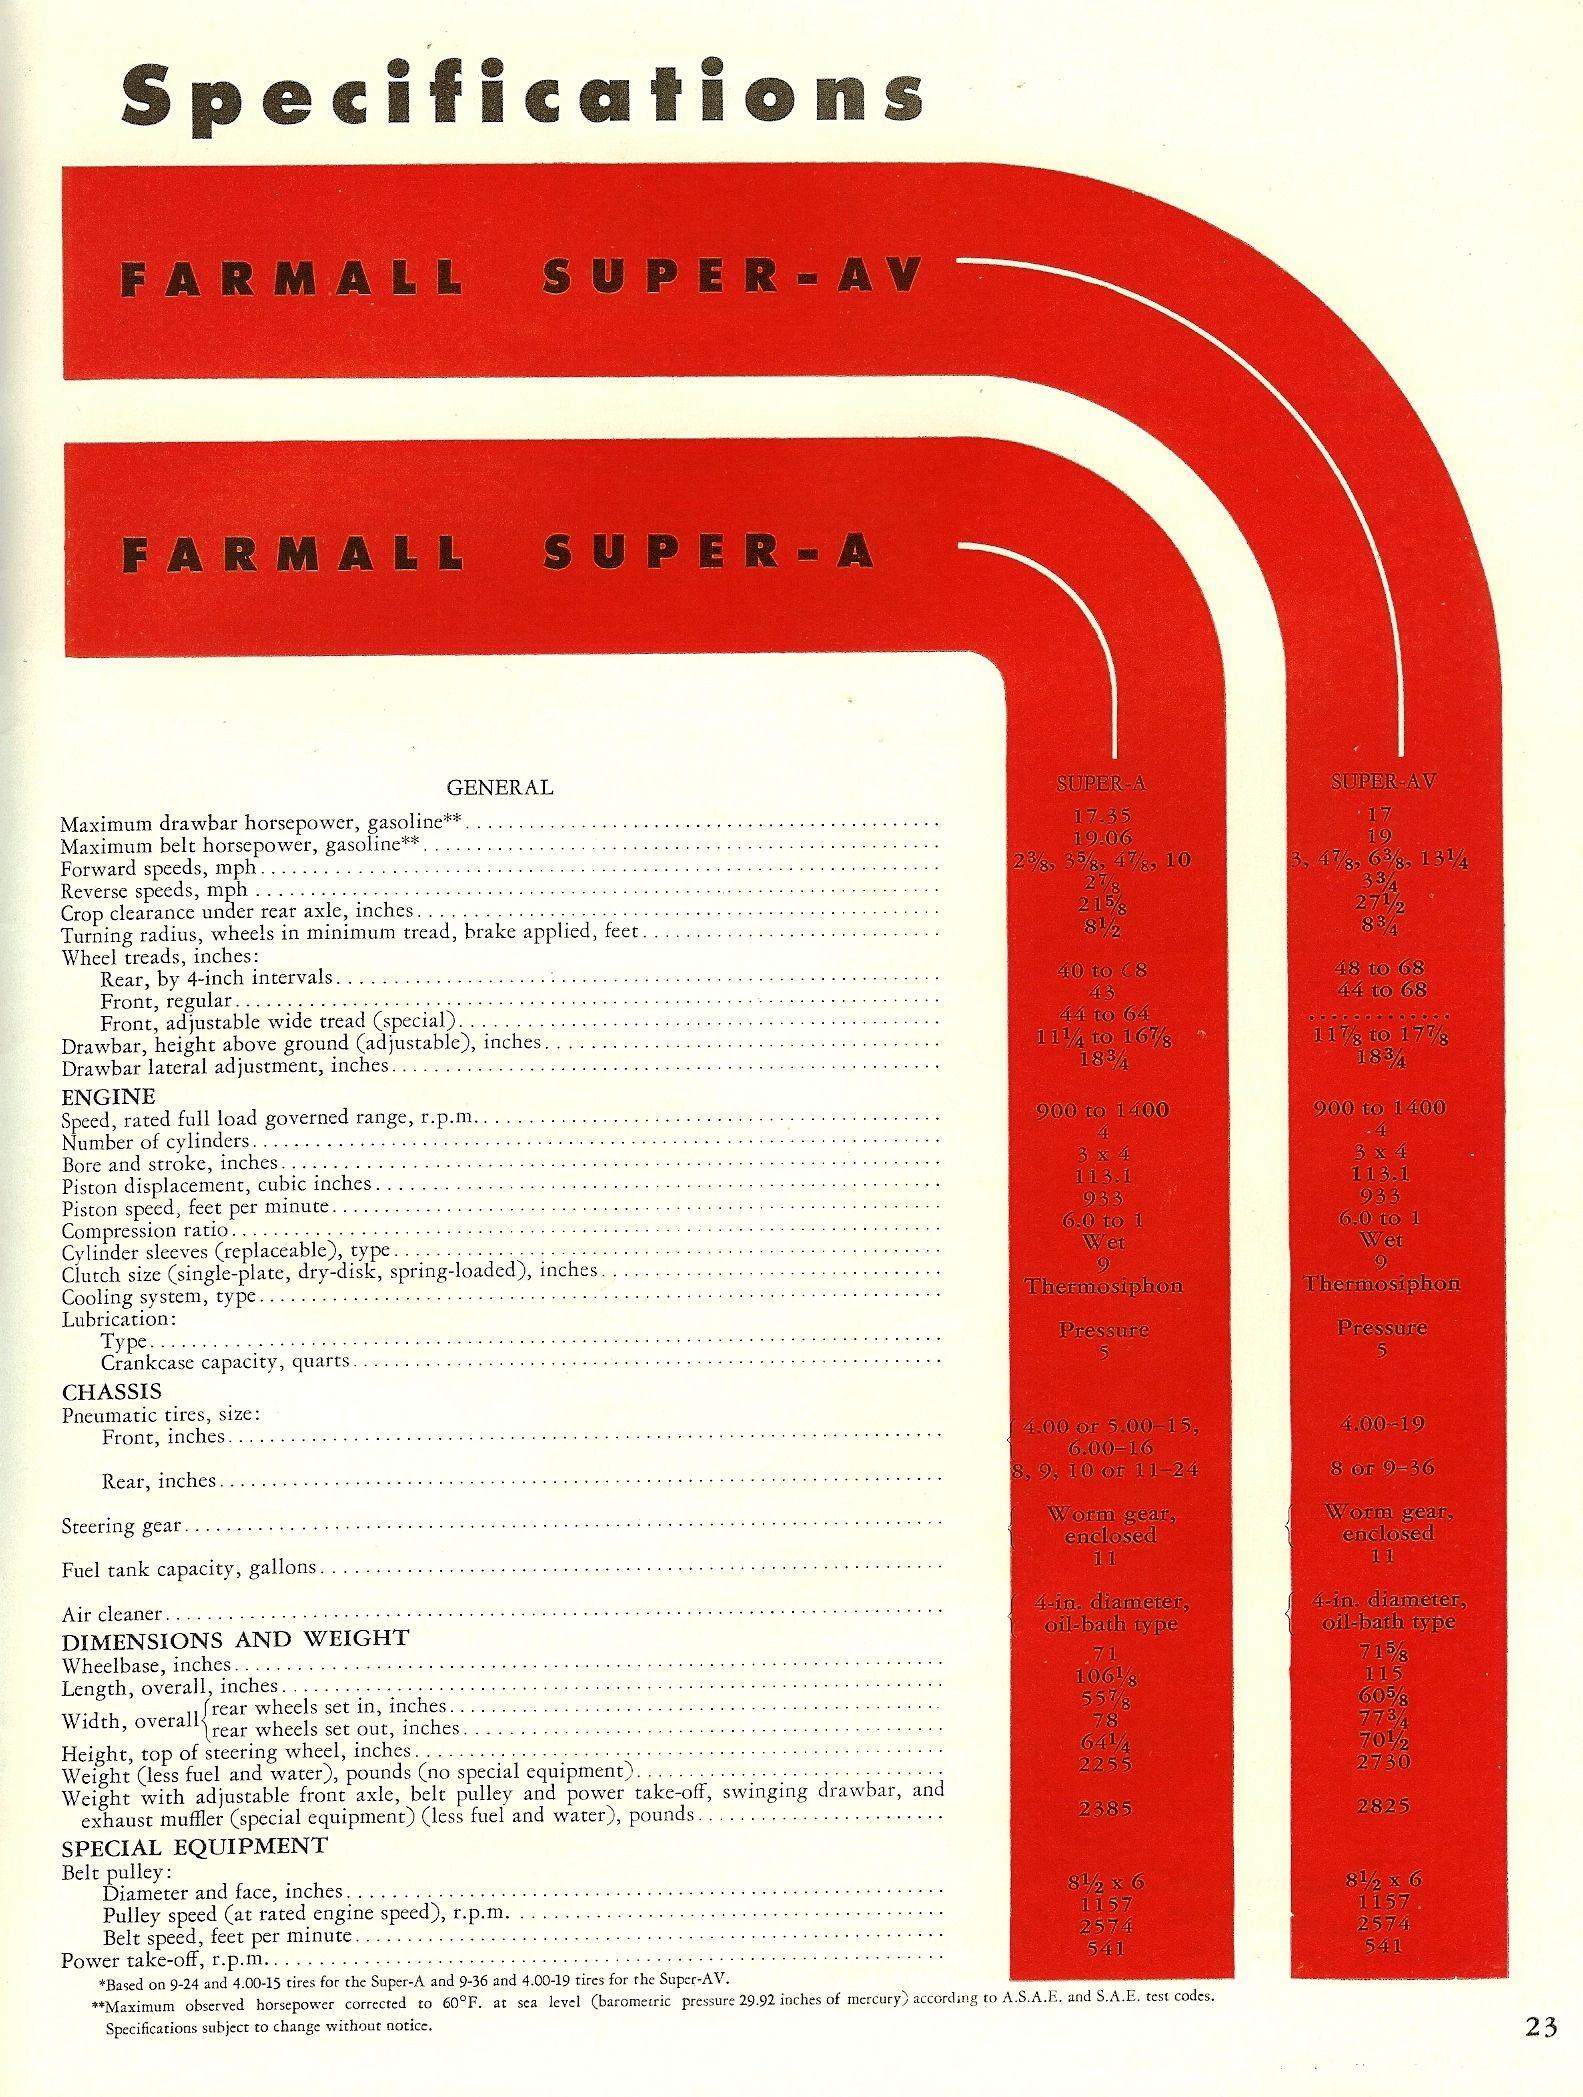 1950 Farmall Super A Specs | International Harvester